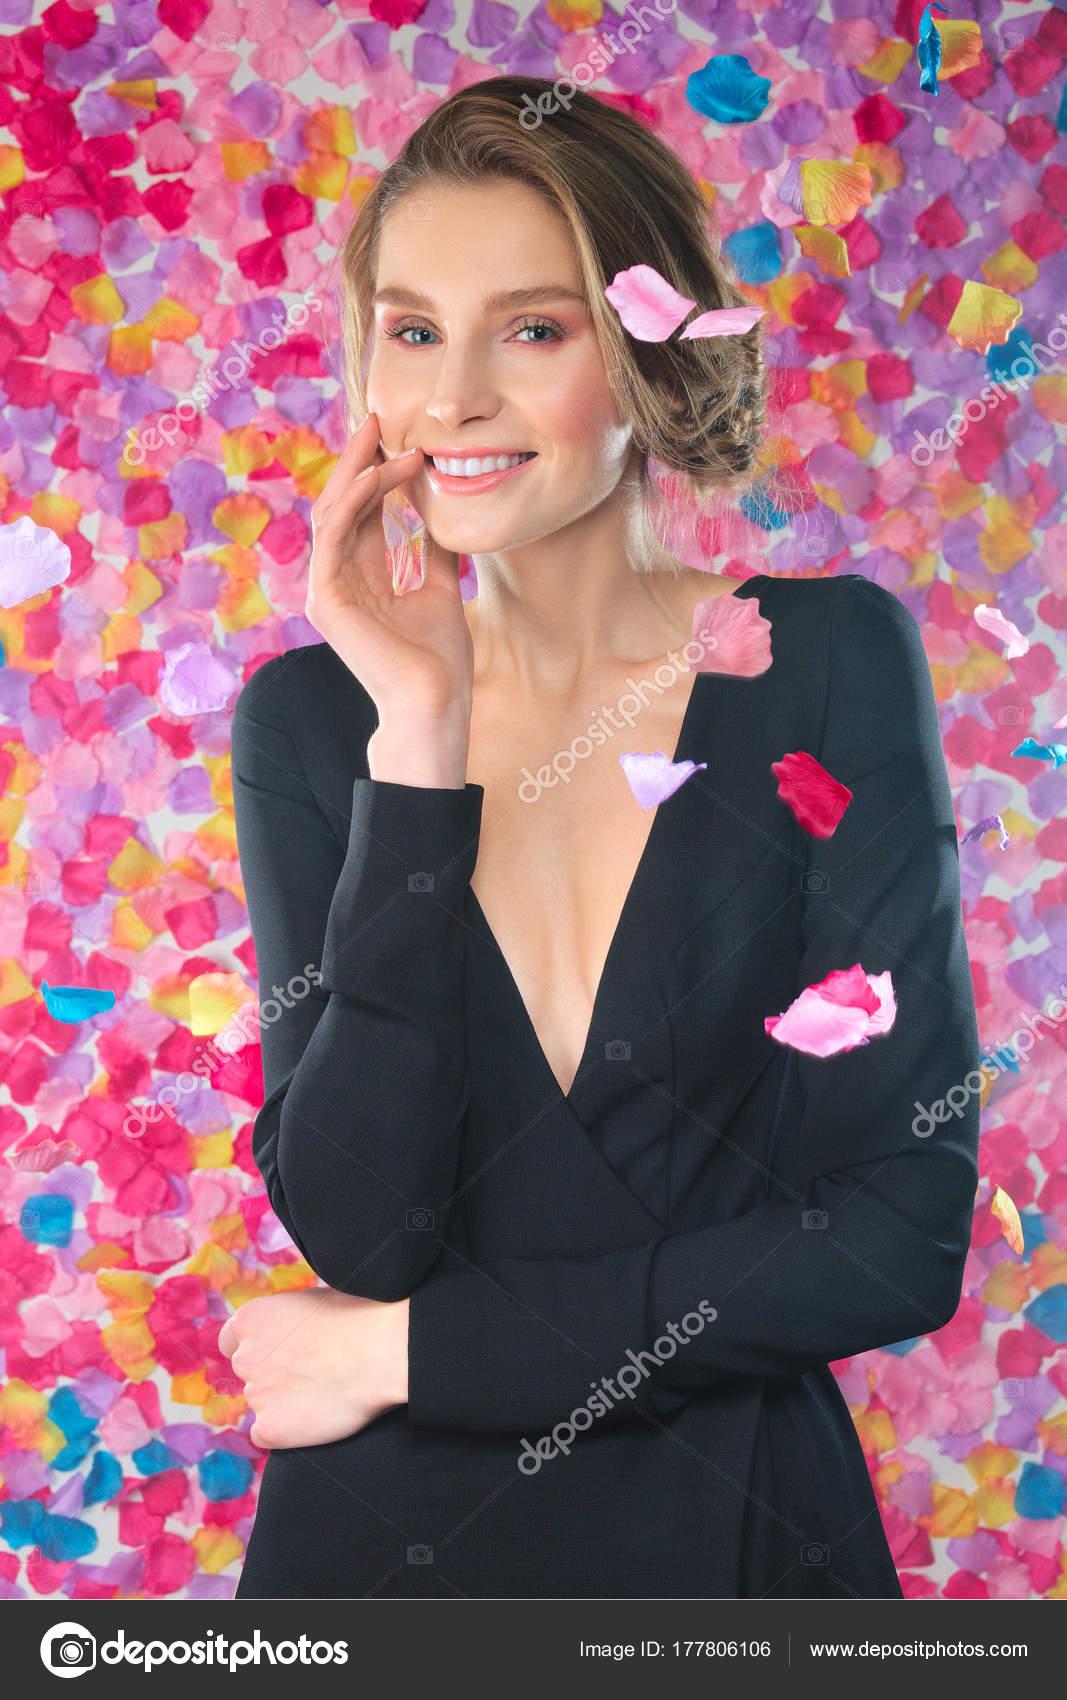 Rosenblüten, falling down auf süße junge Dame im Kleid mit tief ...